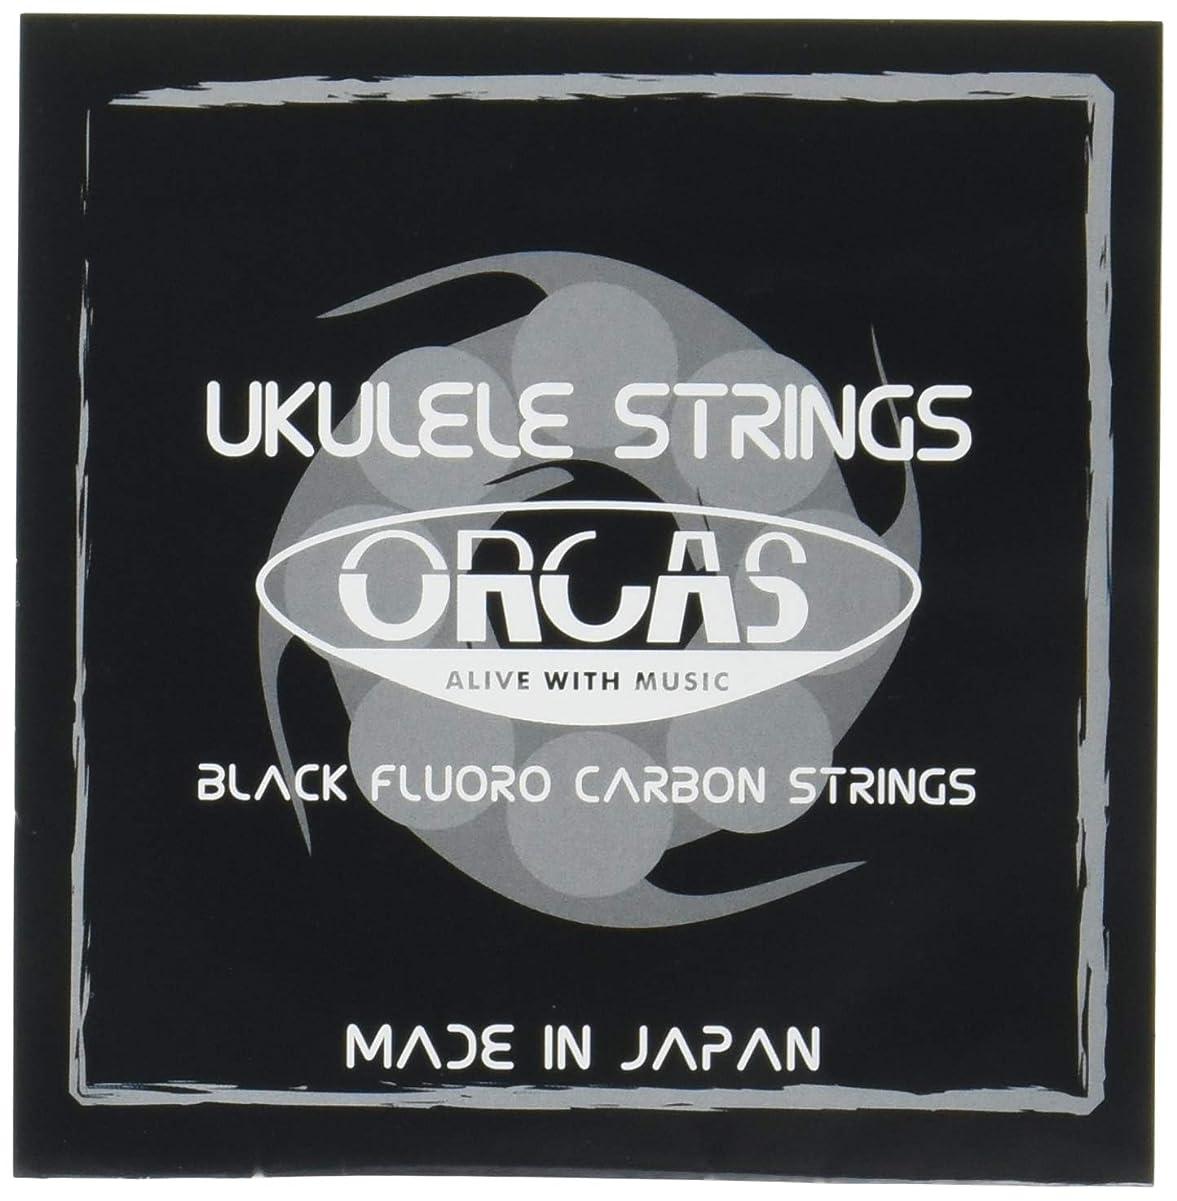 換気する忠実な告白する【ORCAS】 ウクレレ弦 Low-G単品 OS-30 TEN LG (テナー用)